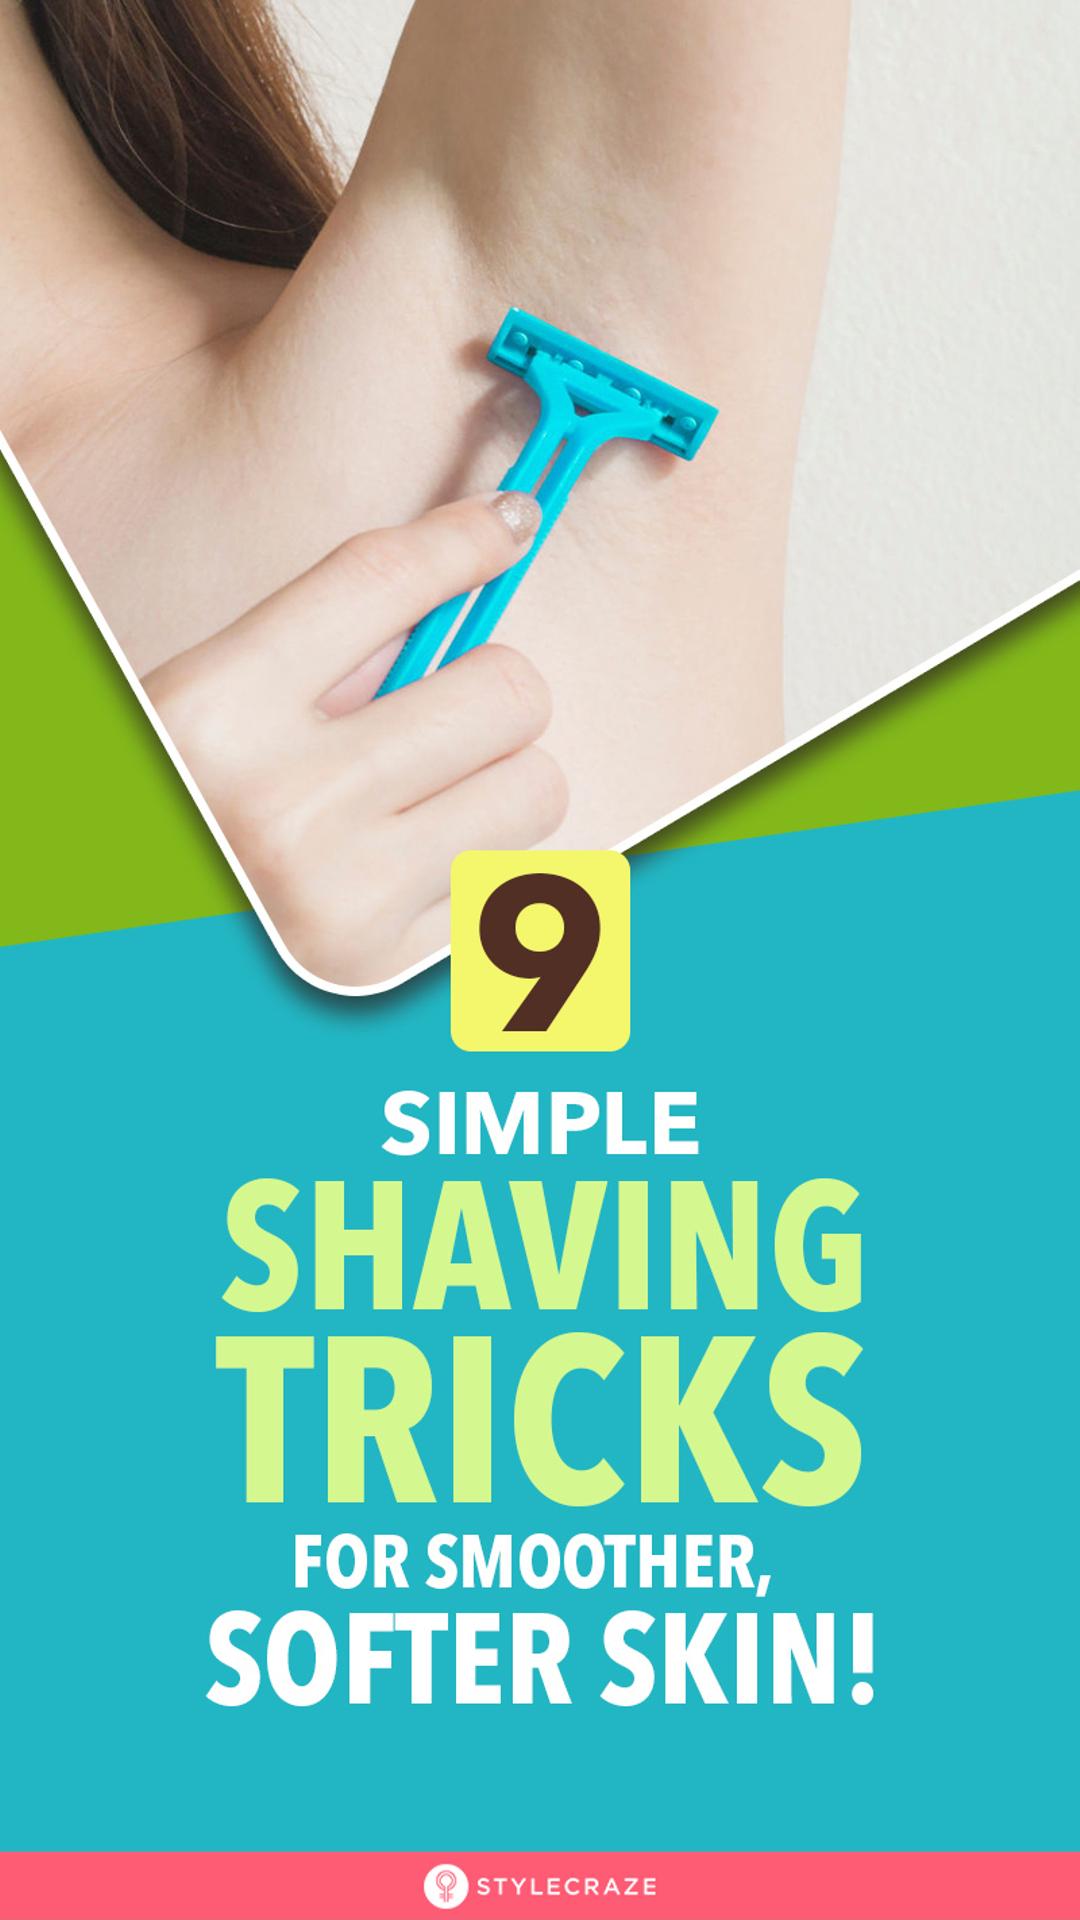 9 Simple Shaving Tricks For Smoother Softer Skin Skin So Soft Shaving Tips Shaving Legs